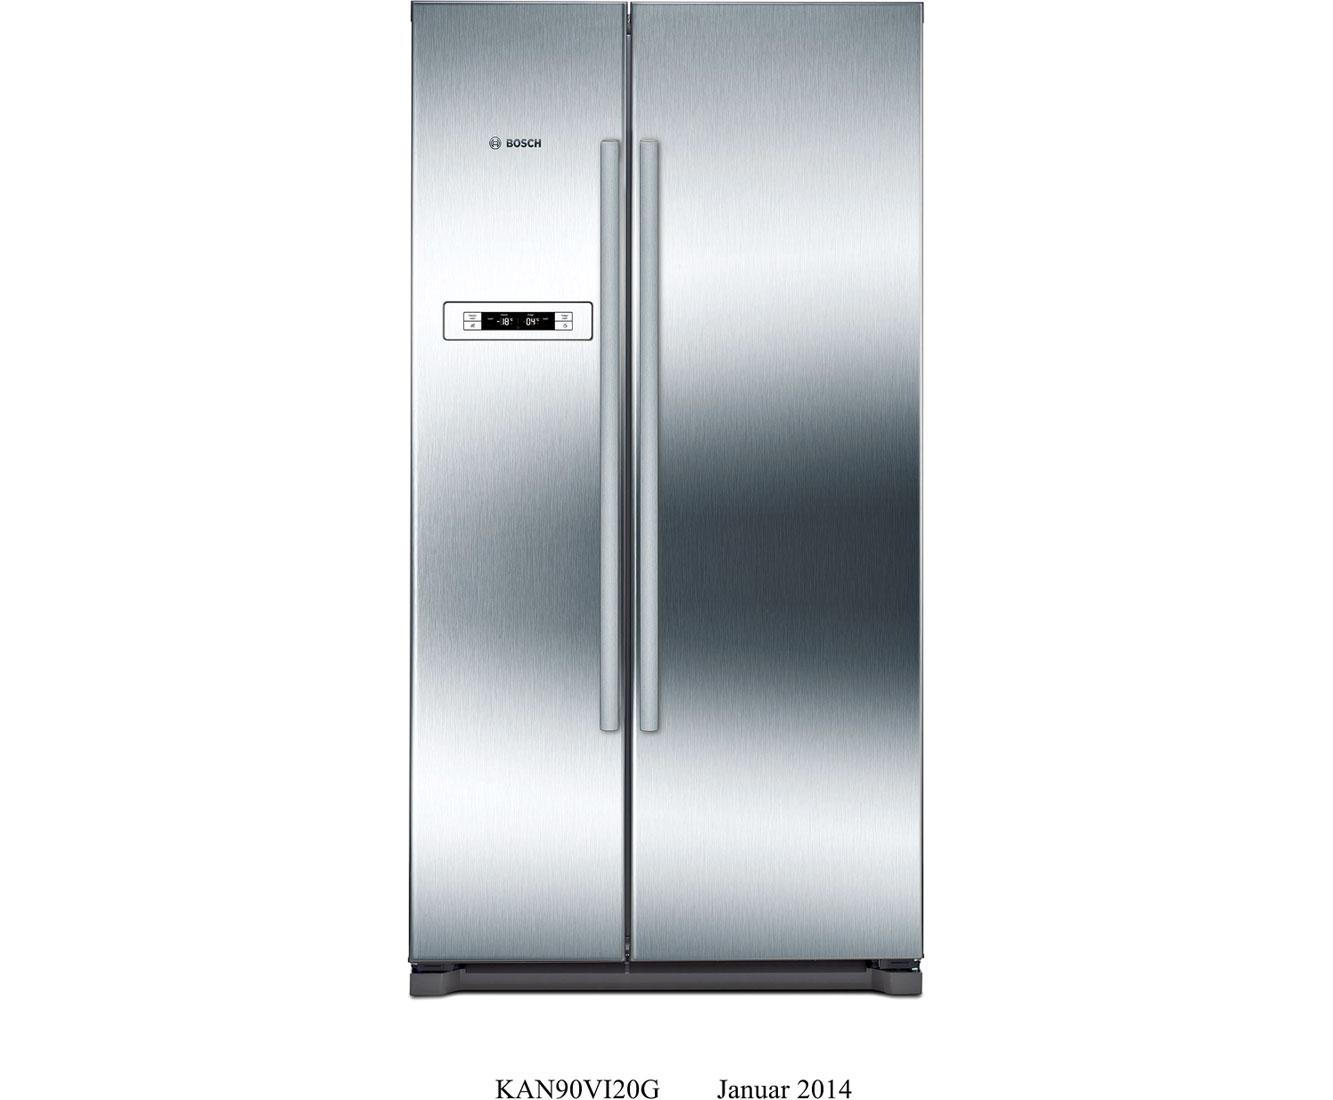 Bosch Kühlschrank Alarm Leuchtet : Kühlschrank no frost a preisvergleich u die besten angebote online